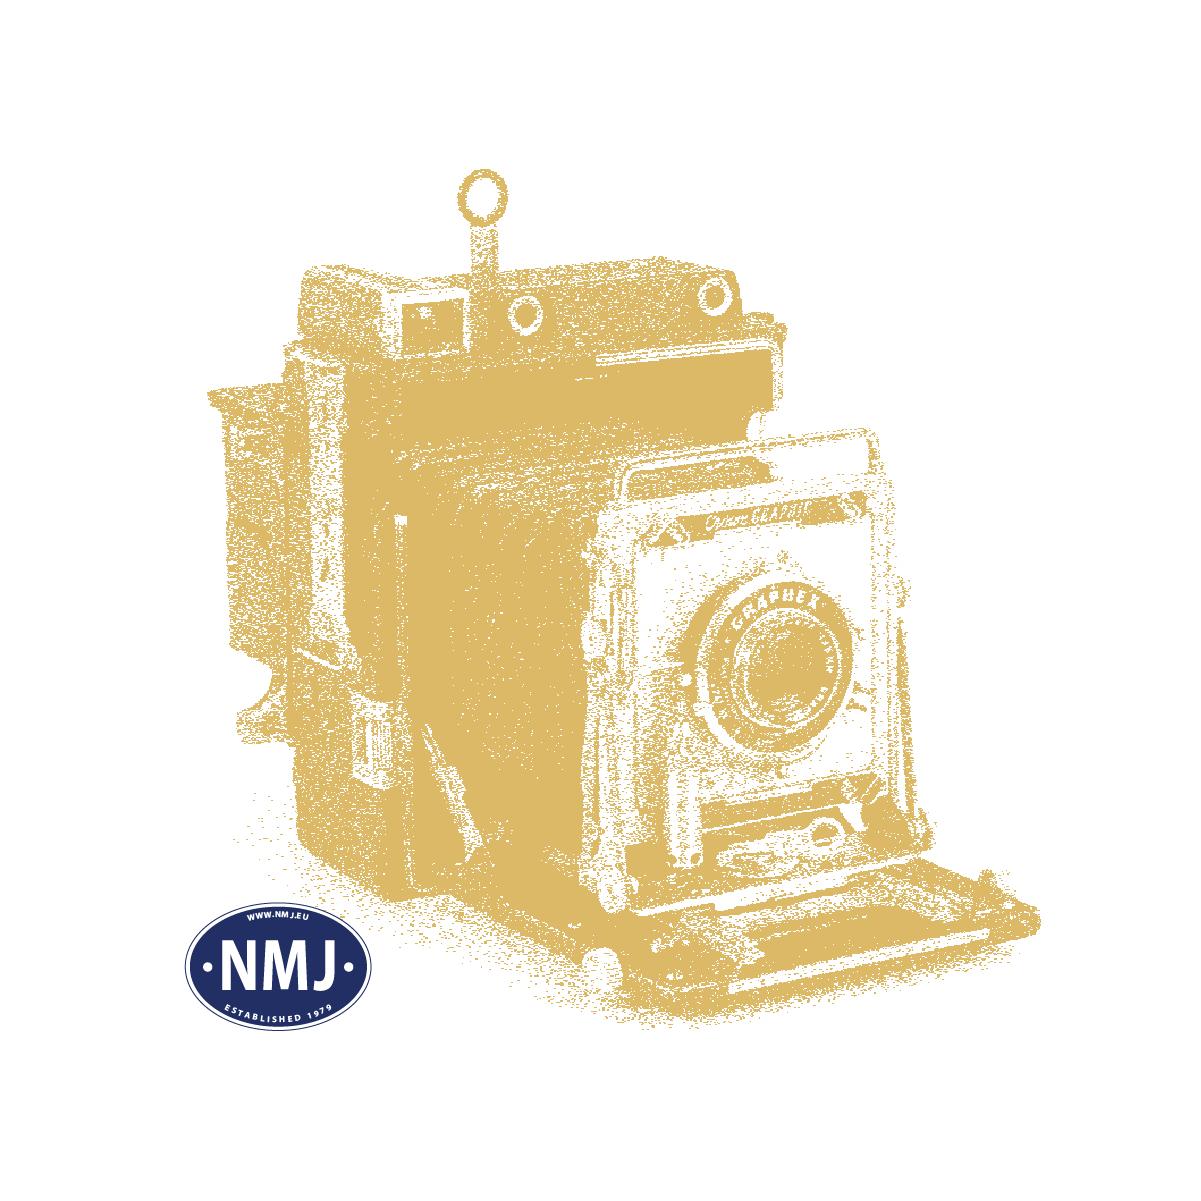 NMJT132.201 - NMJ Topline NSB B4 25951, Mellomdesign